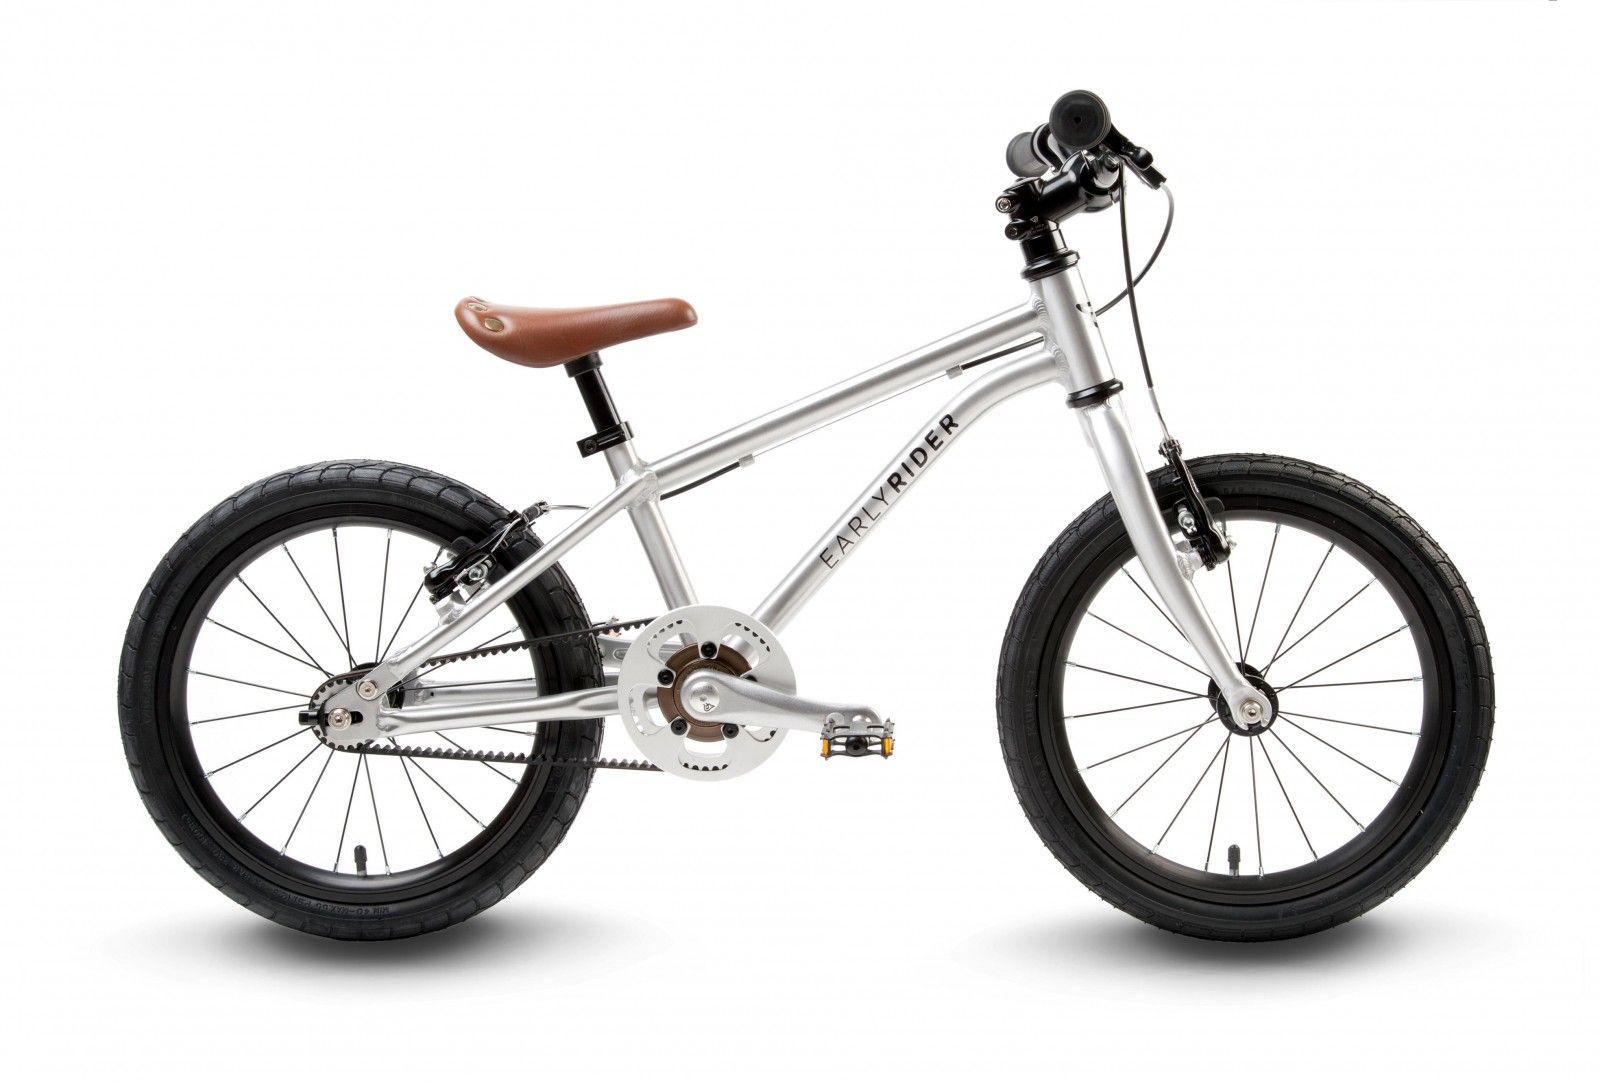 Early Rider Belter 16 Urban Kinder Fahrrad